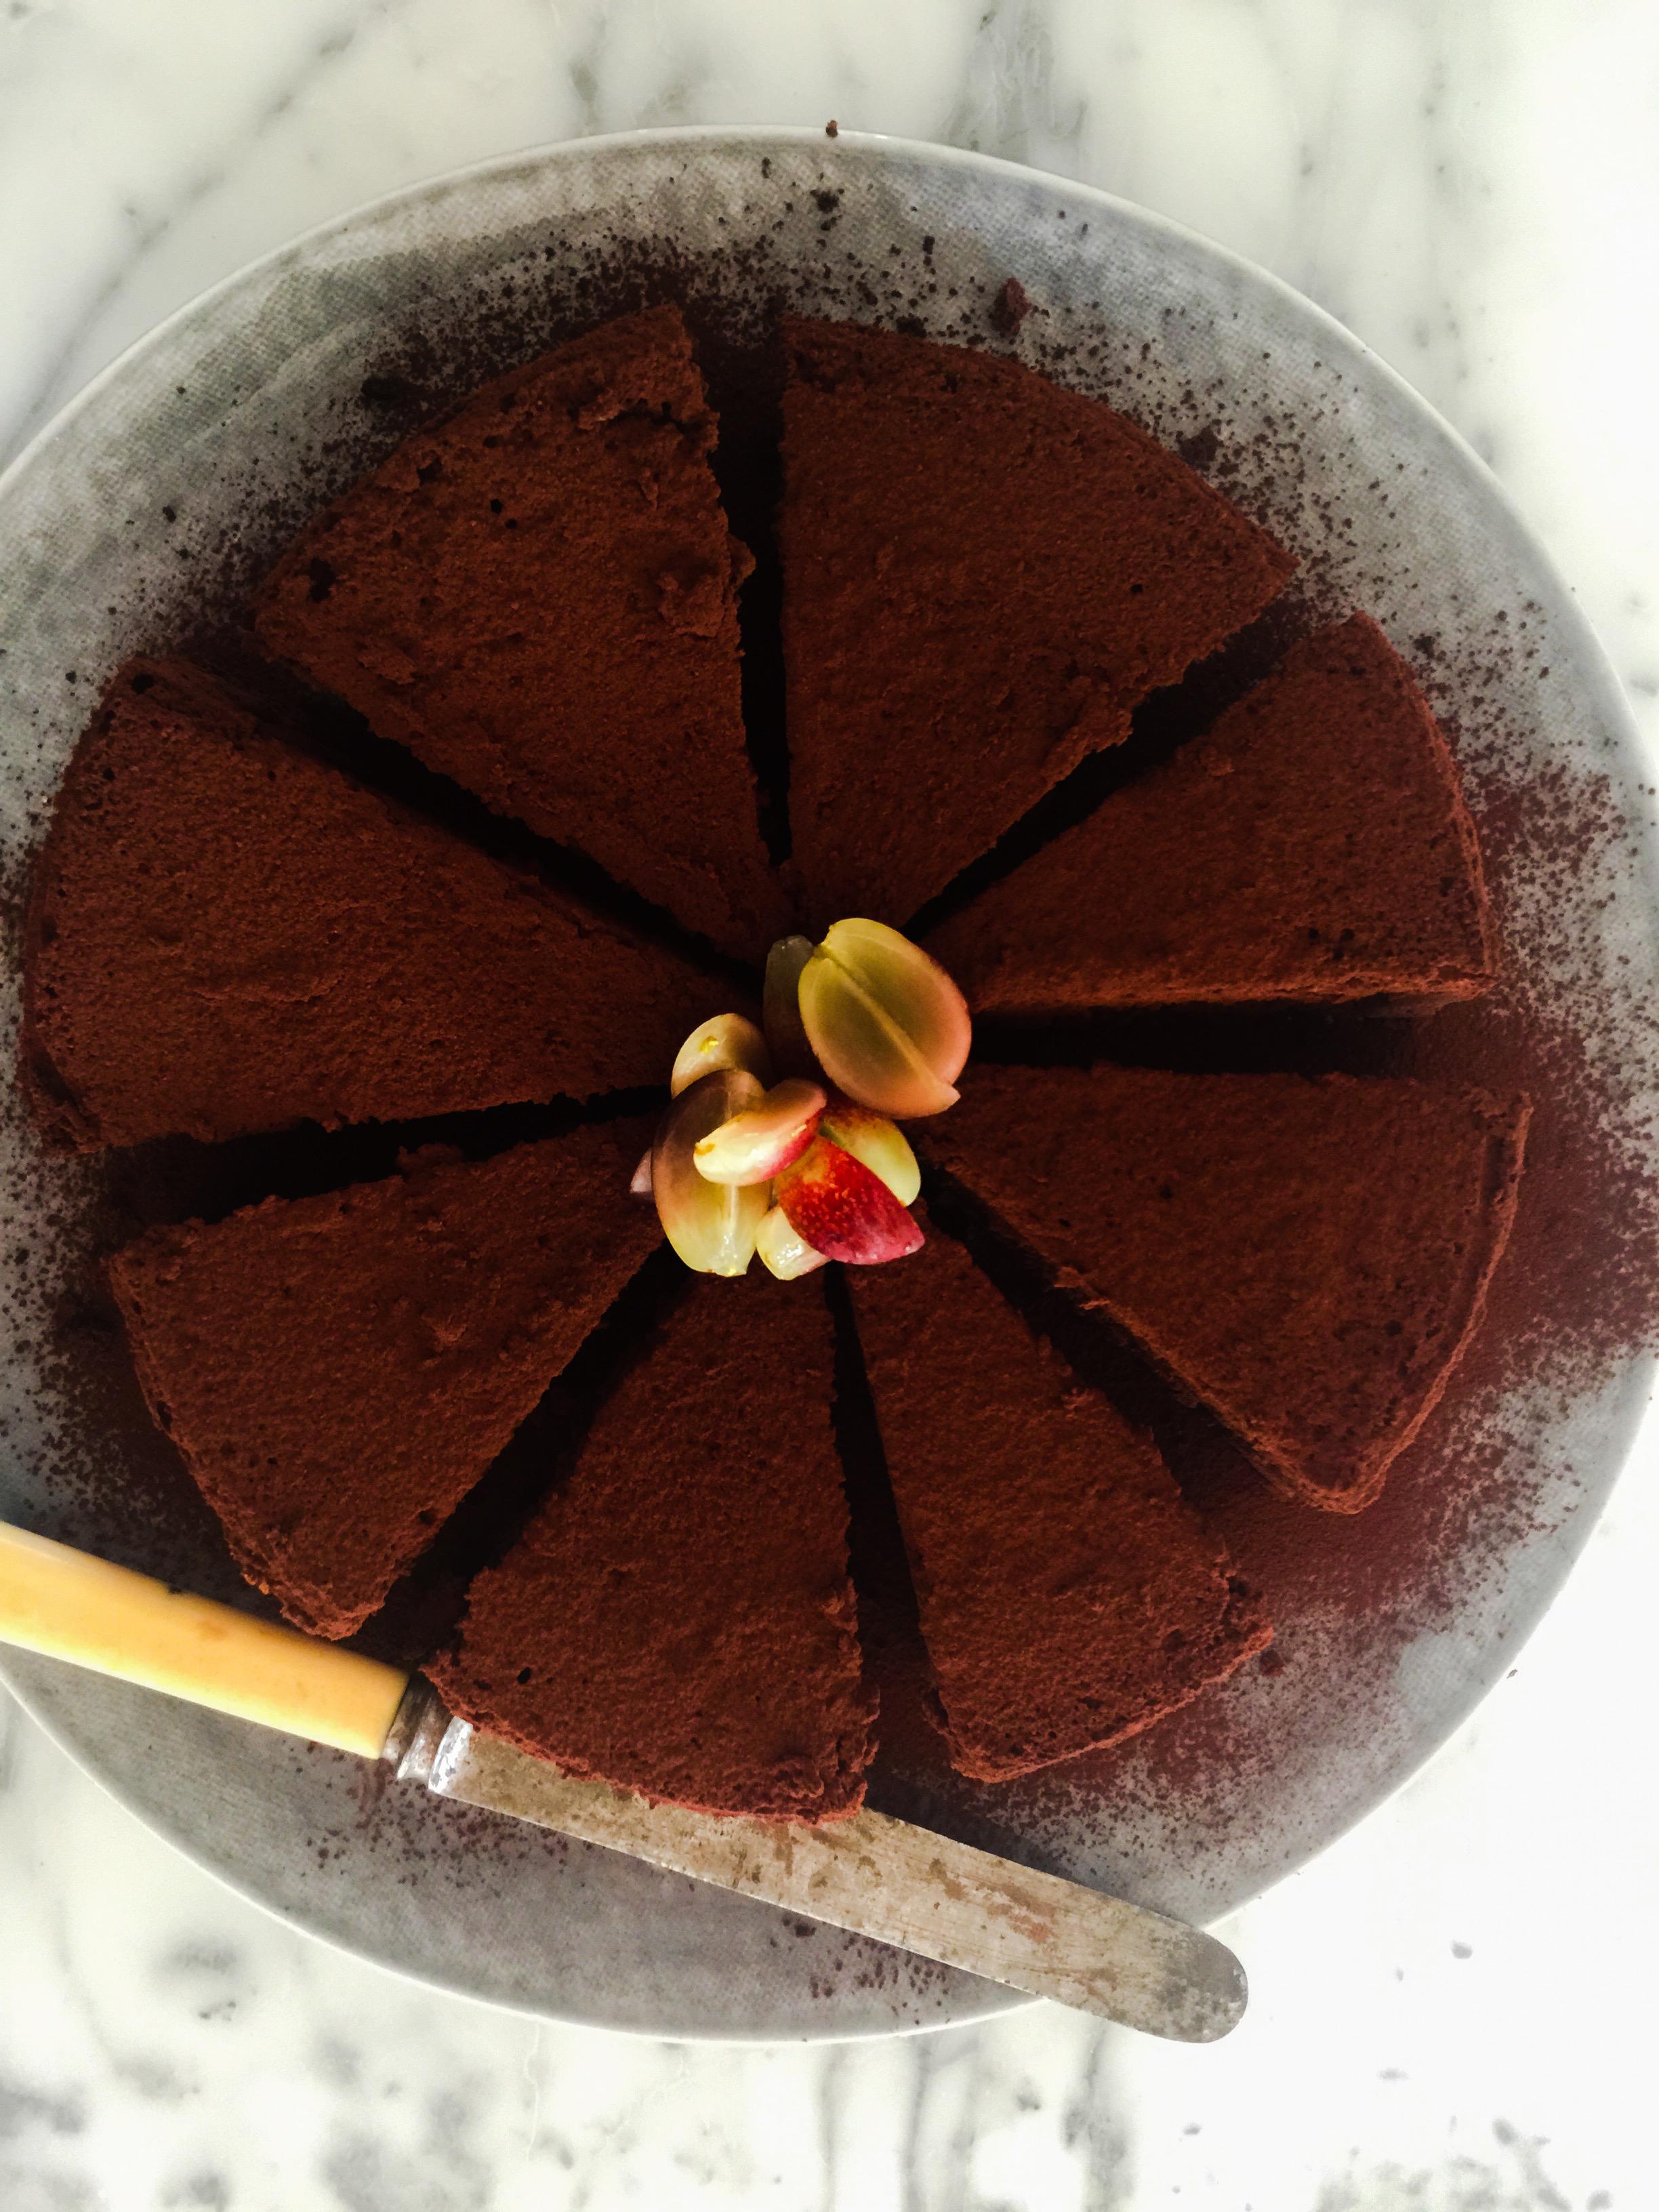 עוגת שוקולד הפוכה